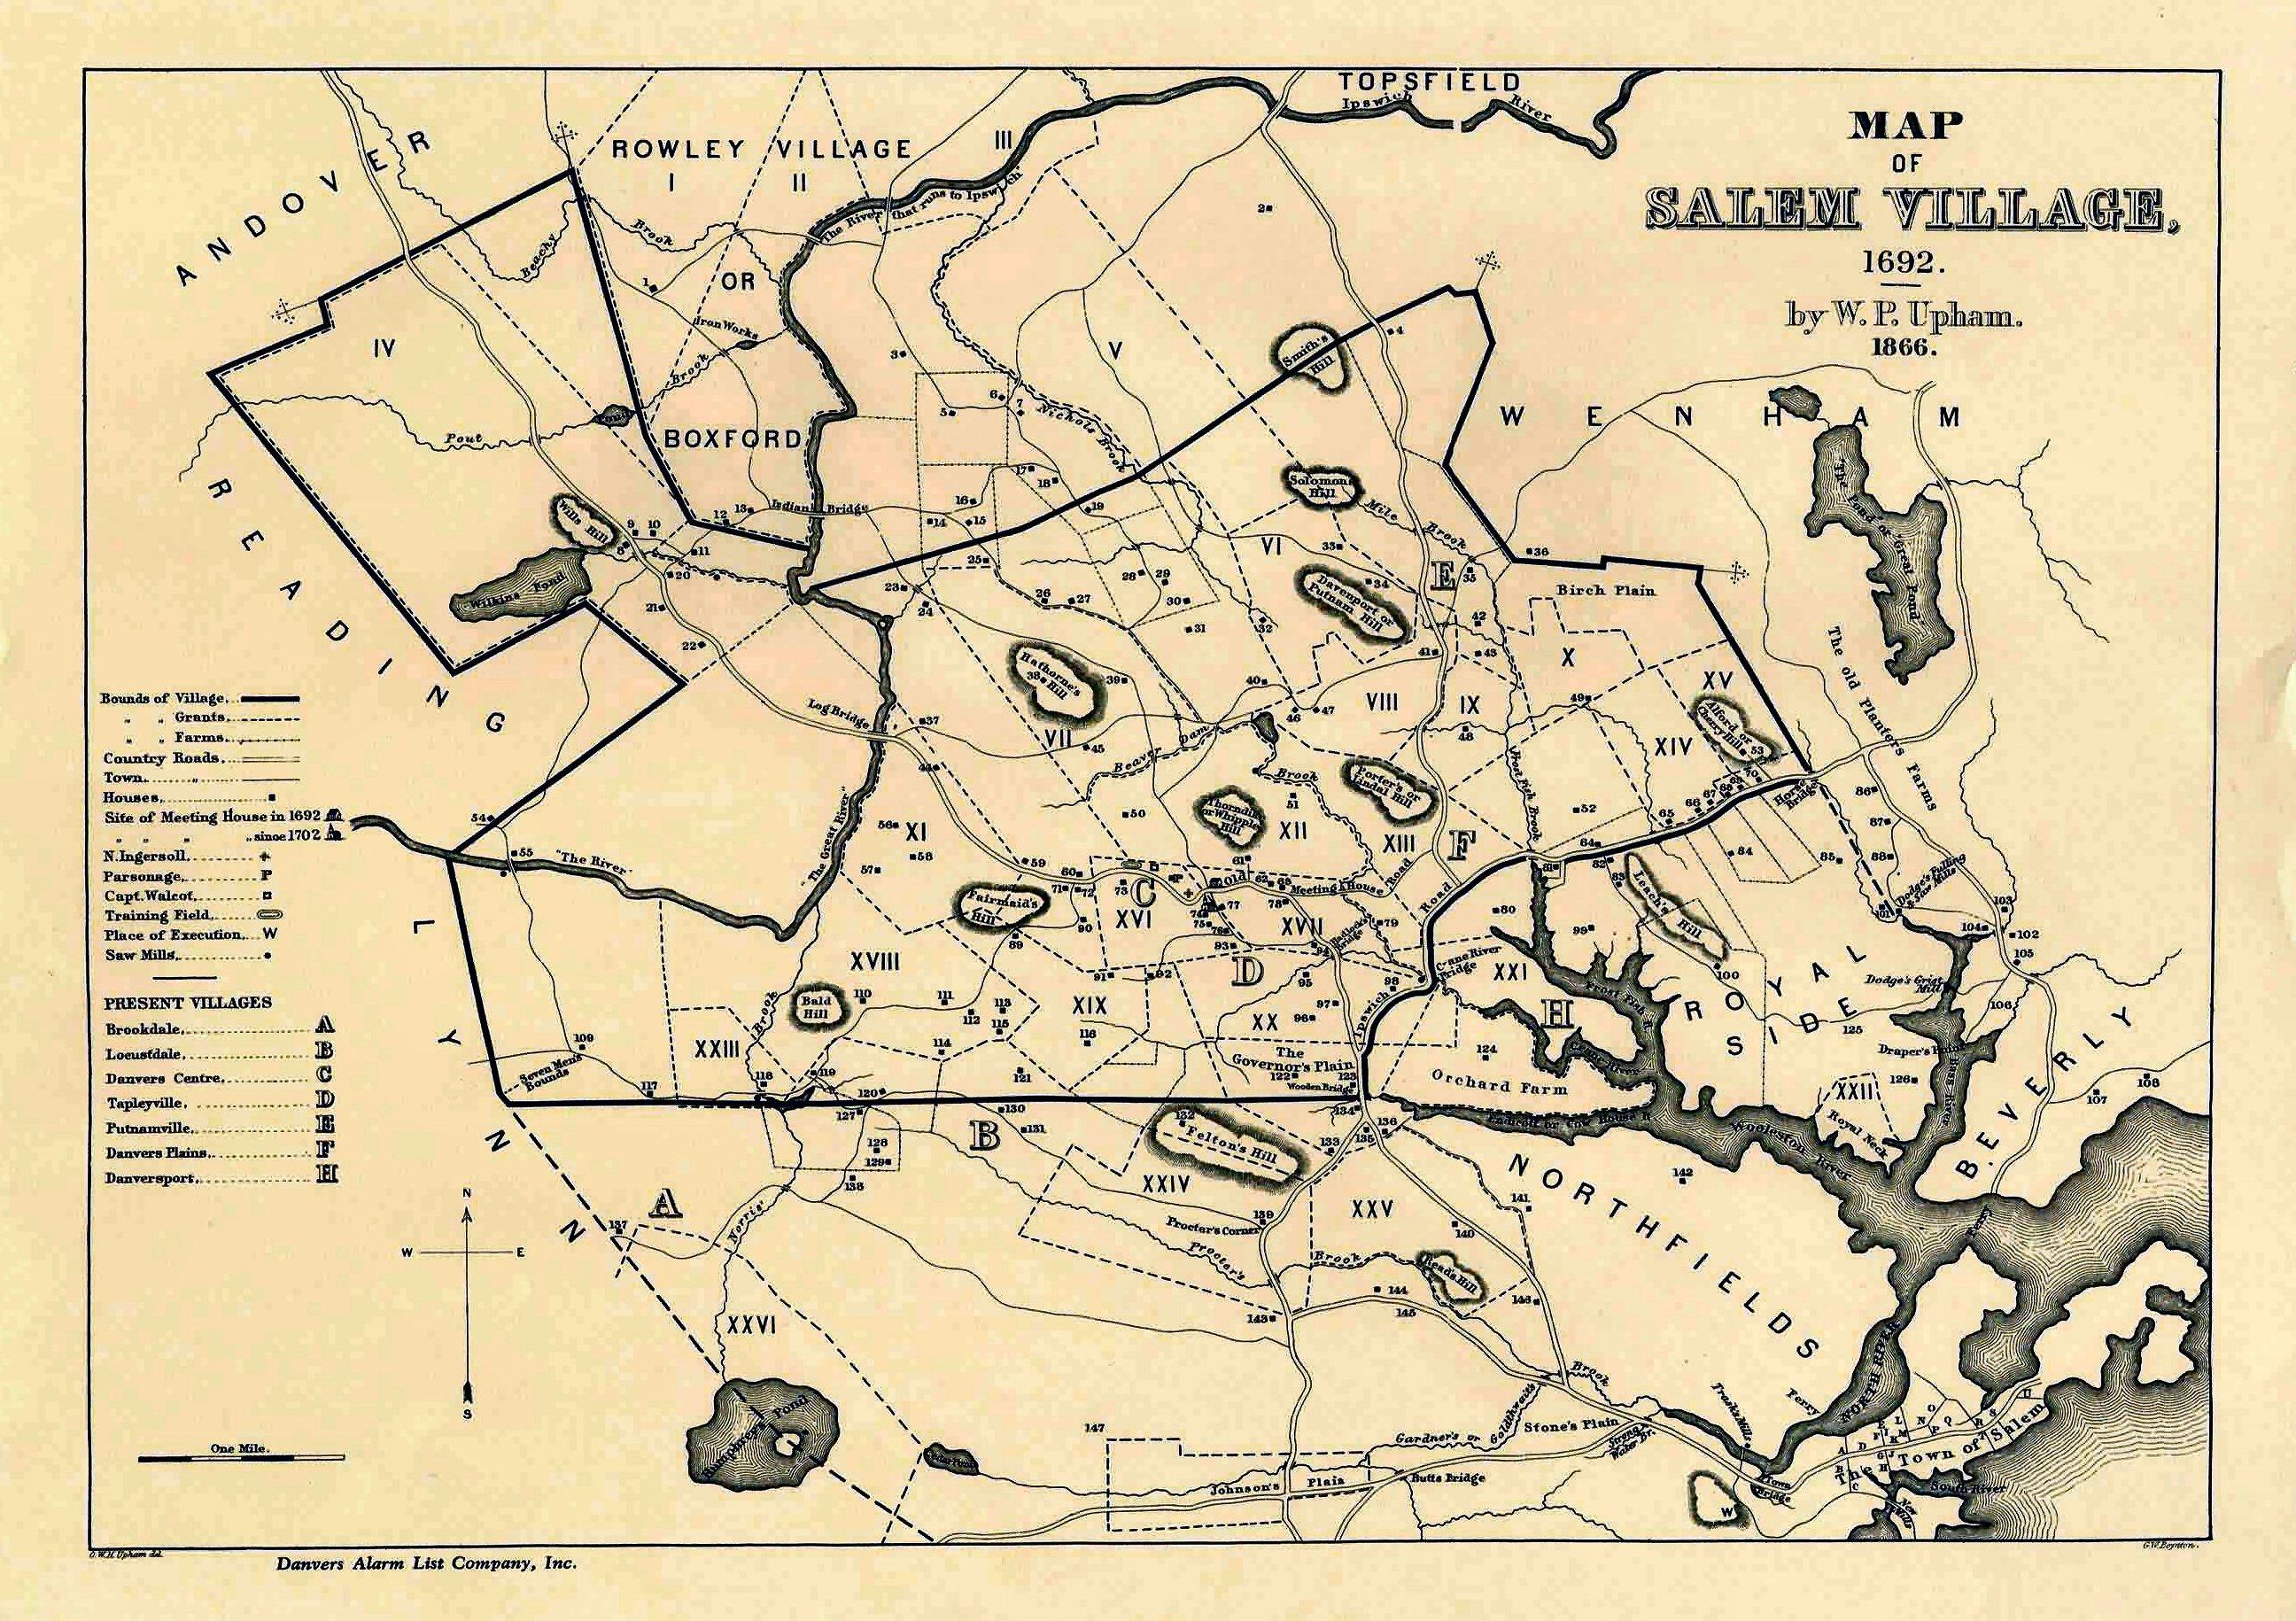 Map Of Salem File:Map of Salem Village.   Wikimedia Commons Map Of Salem